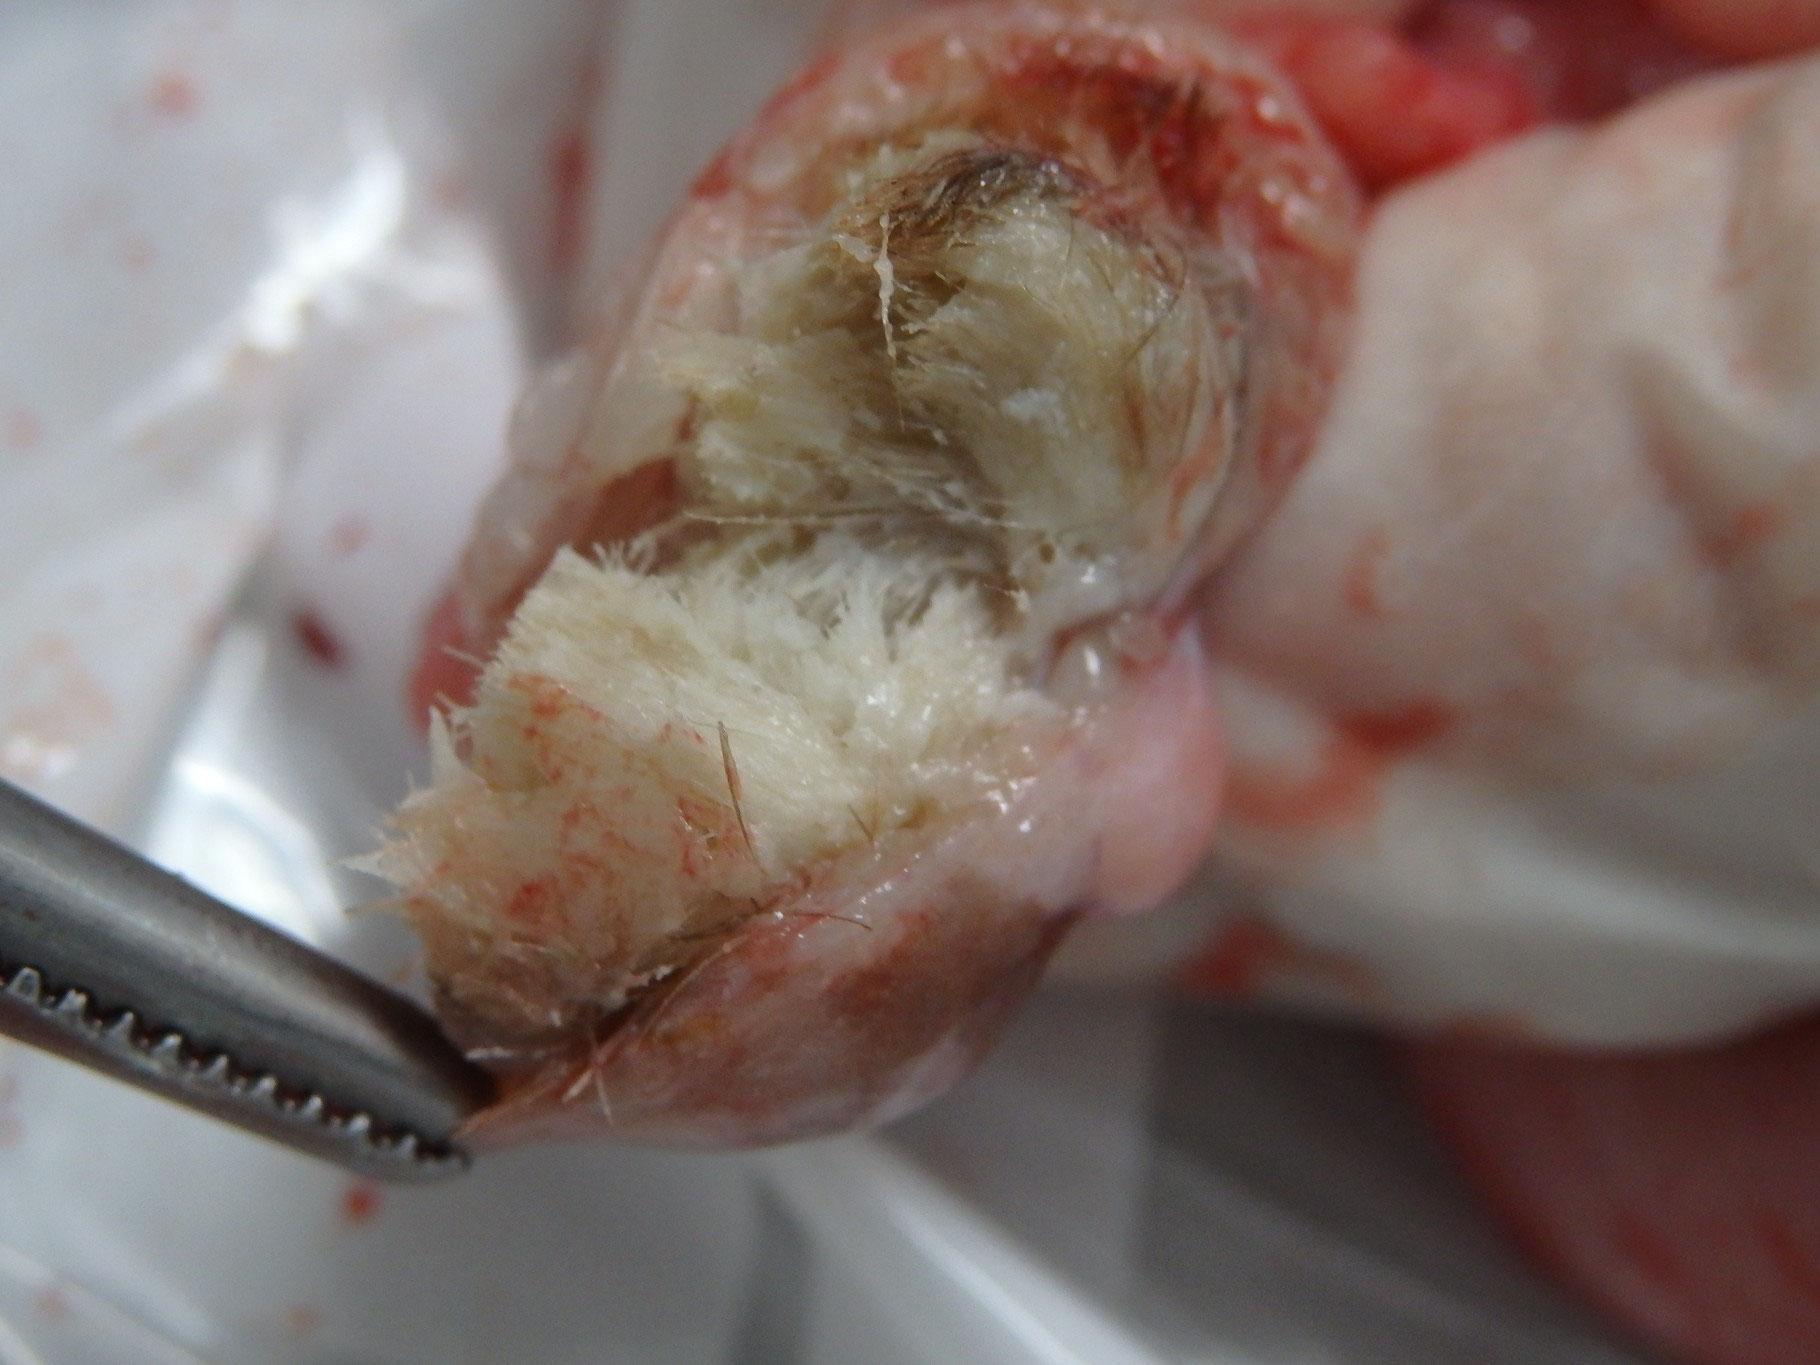 胎児 用 奇形 種 胎児奇形の診断を受けた両親のためのケア